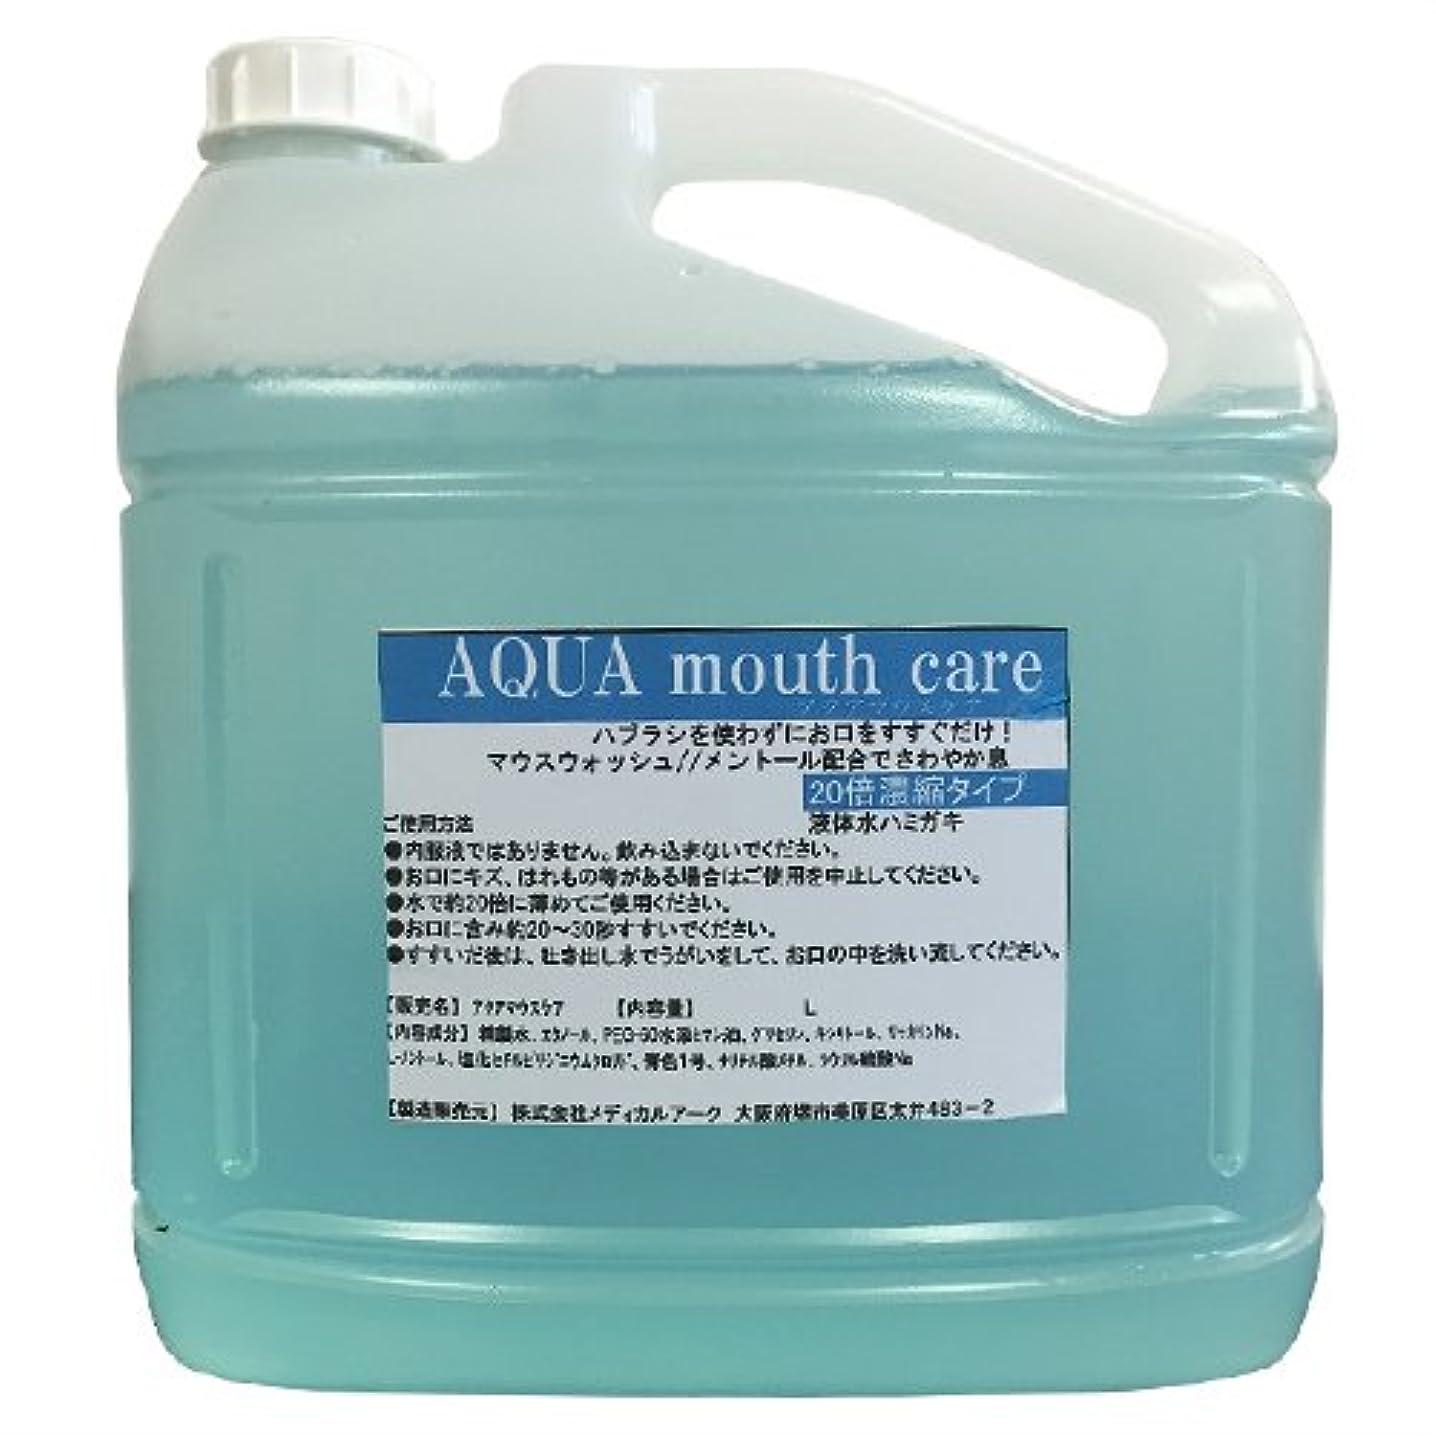 些細な敵誠実さ業務用洗口液 マウスウォッシュ アクアマウスケア (AQUA mouth care) 20倍濃縮タイプ 5L (詰め替えコック付き)